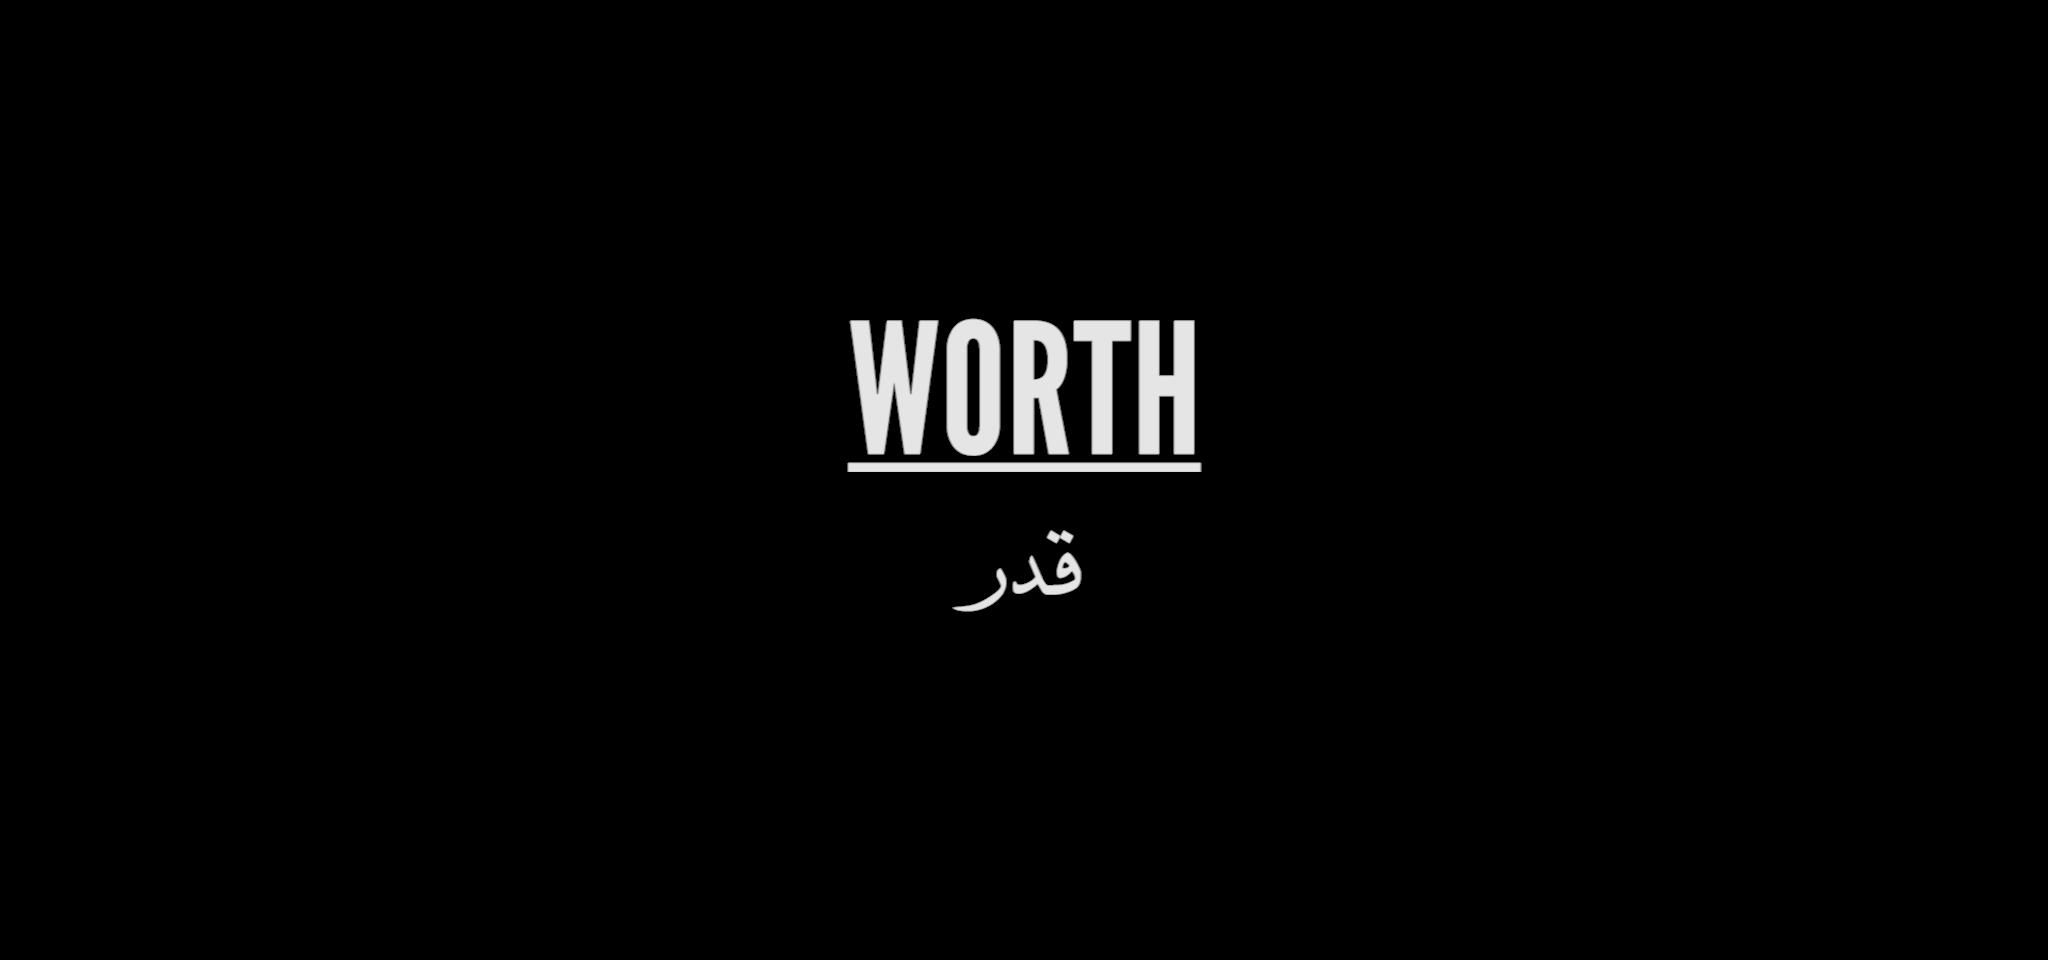 Worth_01